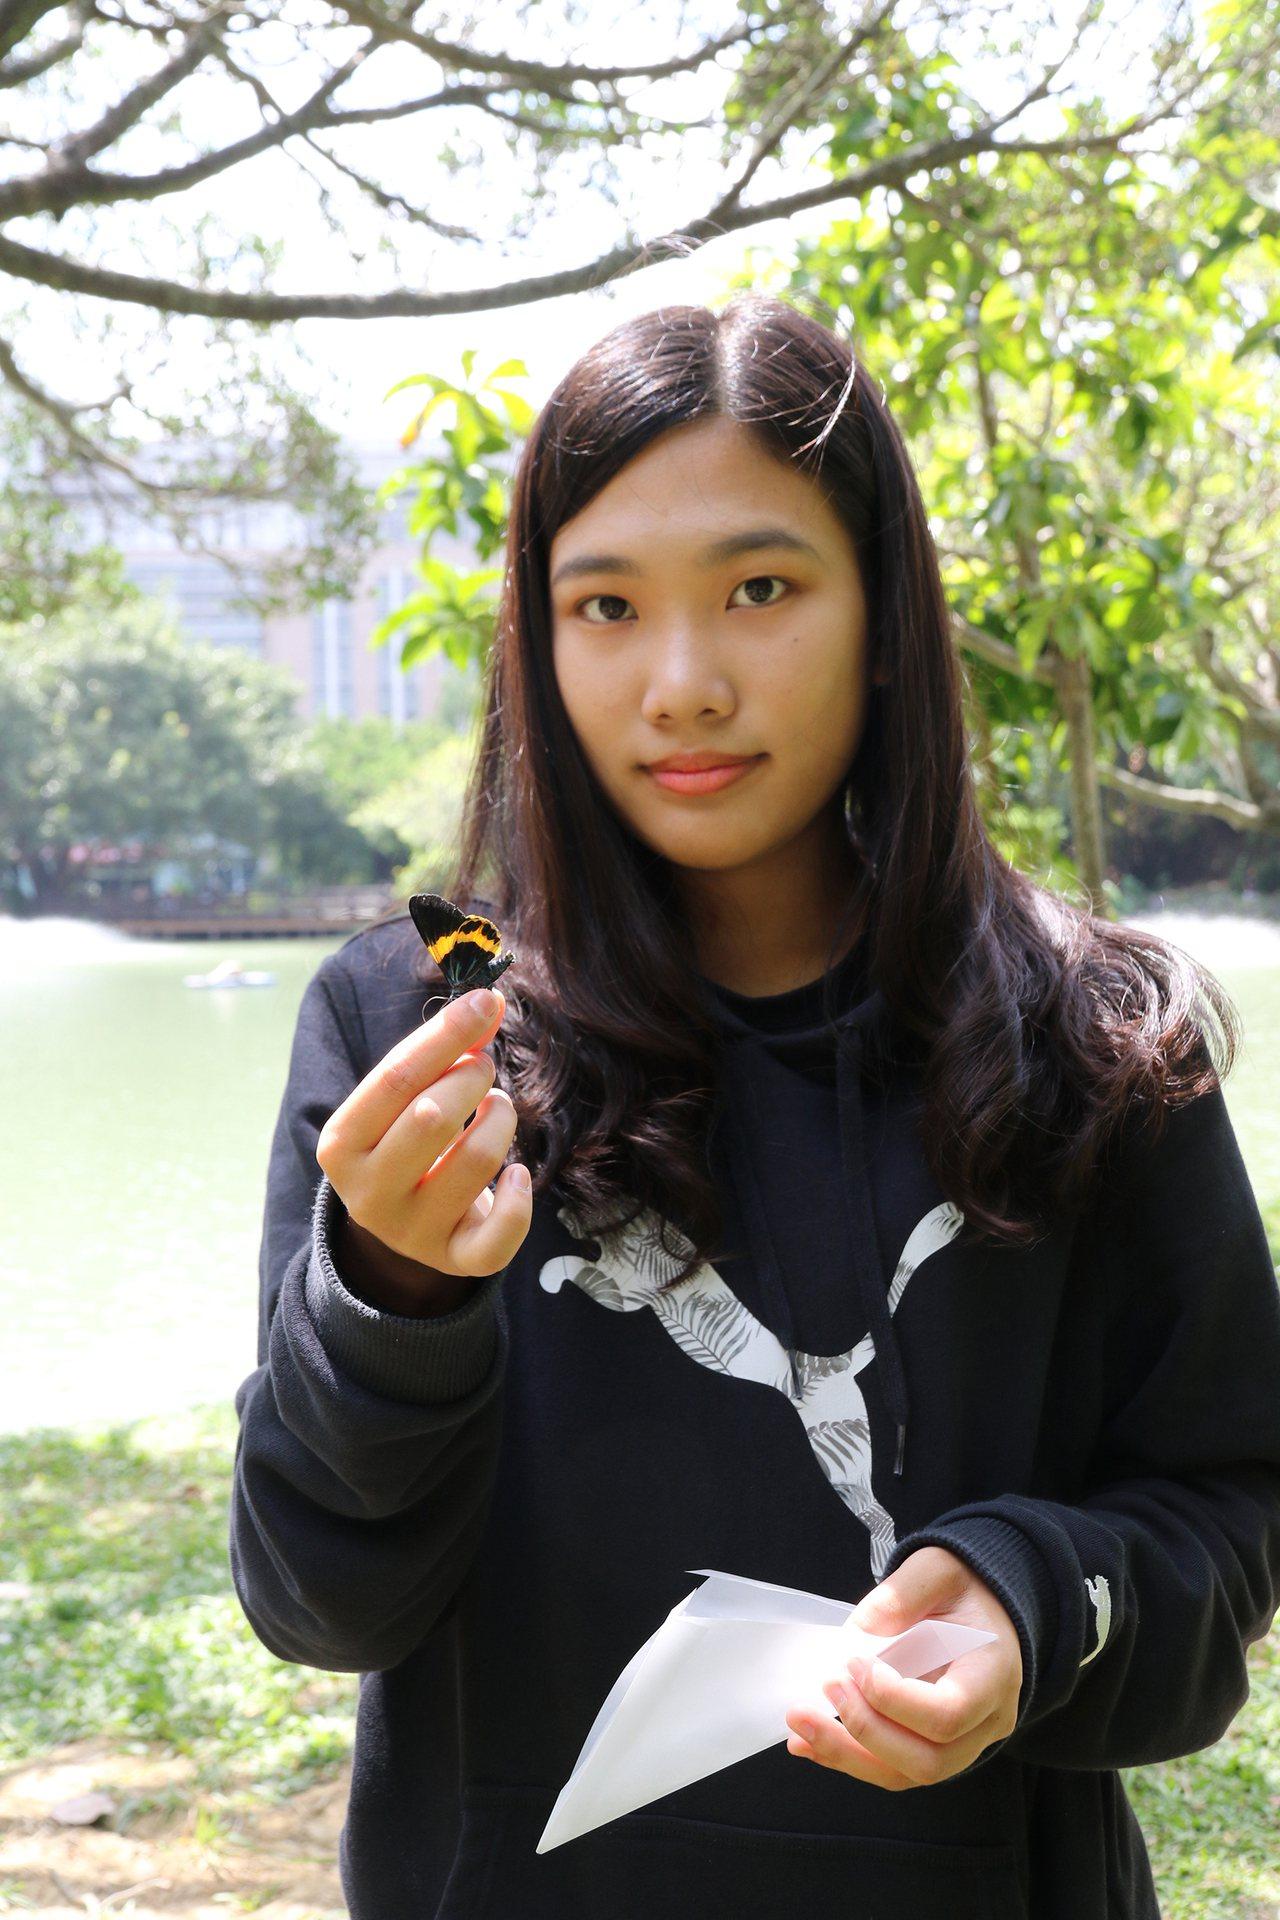 興大昆蟲系陳亭予,從小投入蝴蝶復育與生態導覽,她高中成績並非前段,透過特殊選才錄...